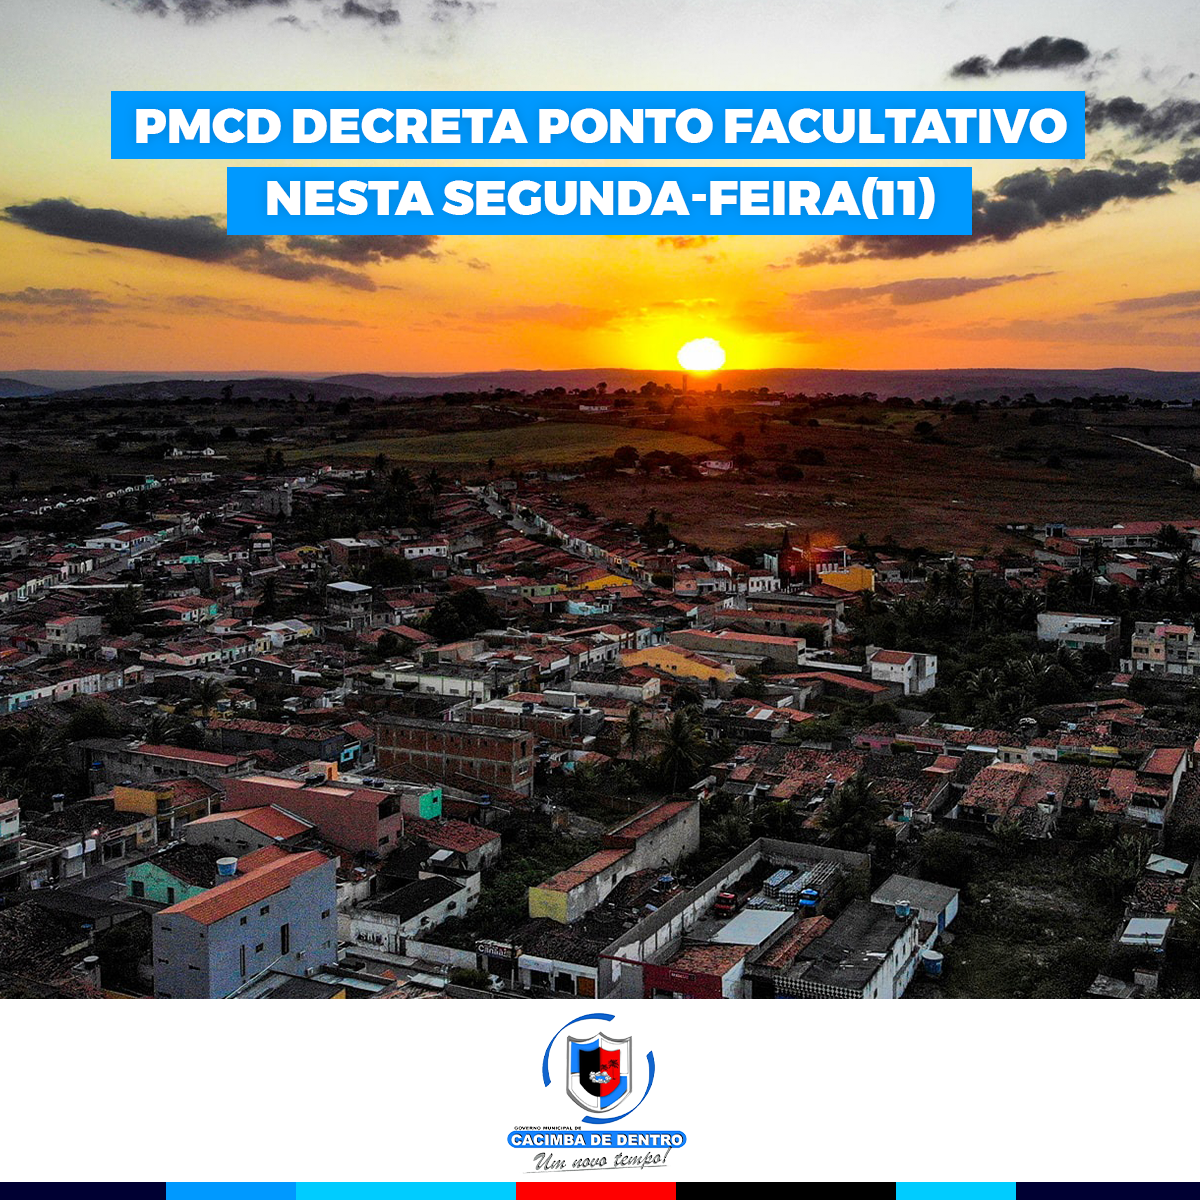 DECRETA PONTO FACULTATIVO NO DIA 11 DE OUTUBRO DE 2021 E DÁ OUTRAS PROVIDÊNCIAS.